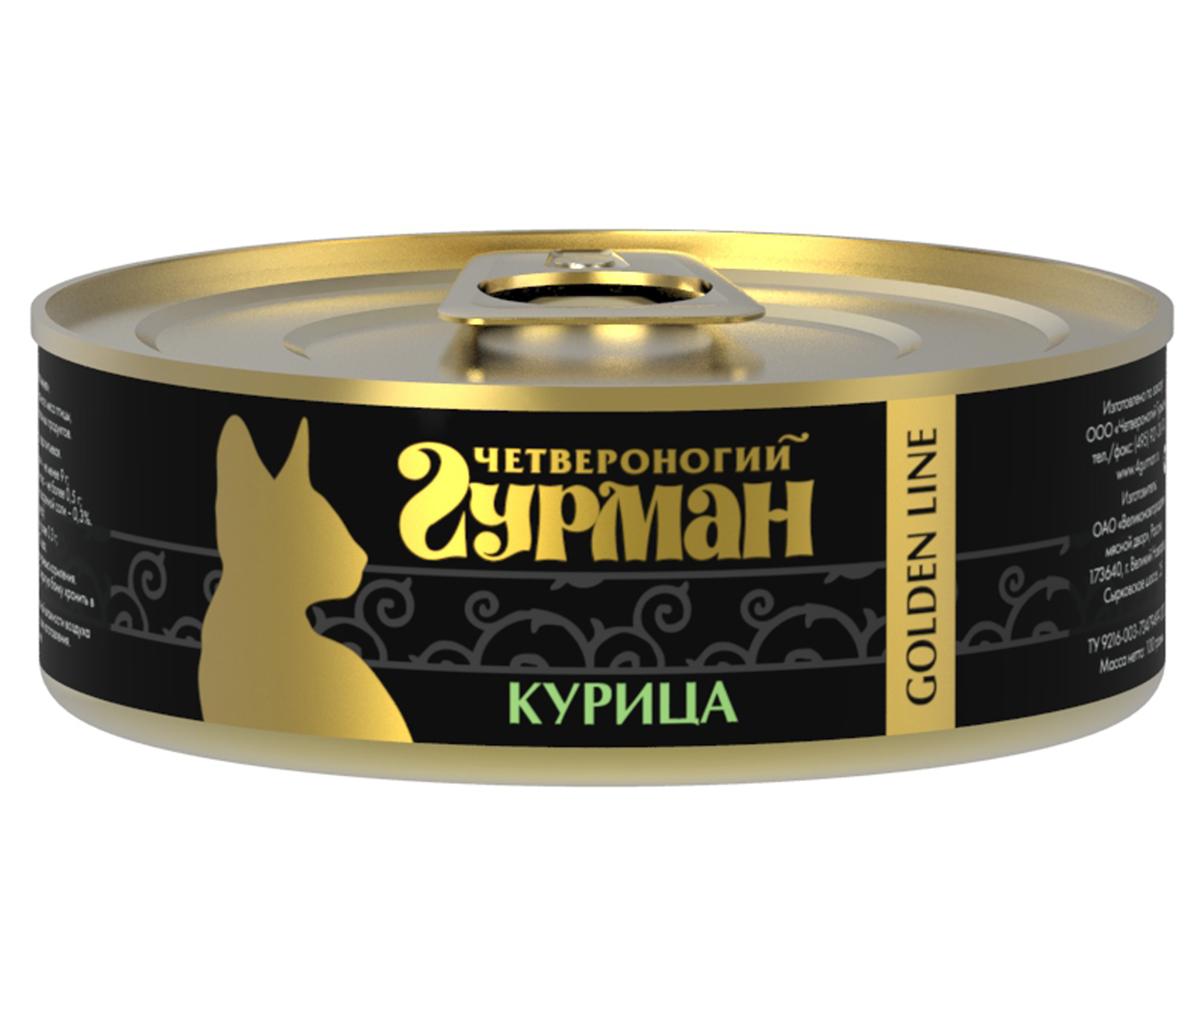 Консервы для кошек Четвероногий Гурман, с курицей, 100 г купить болгарские консервы в москве